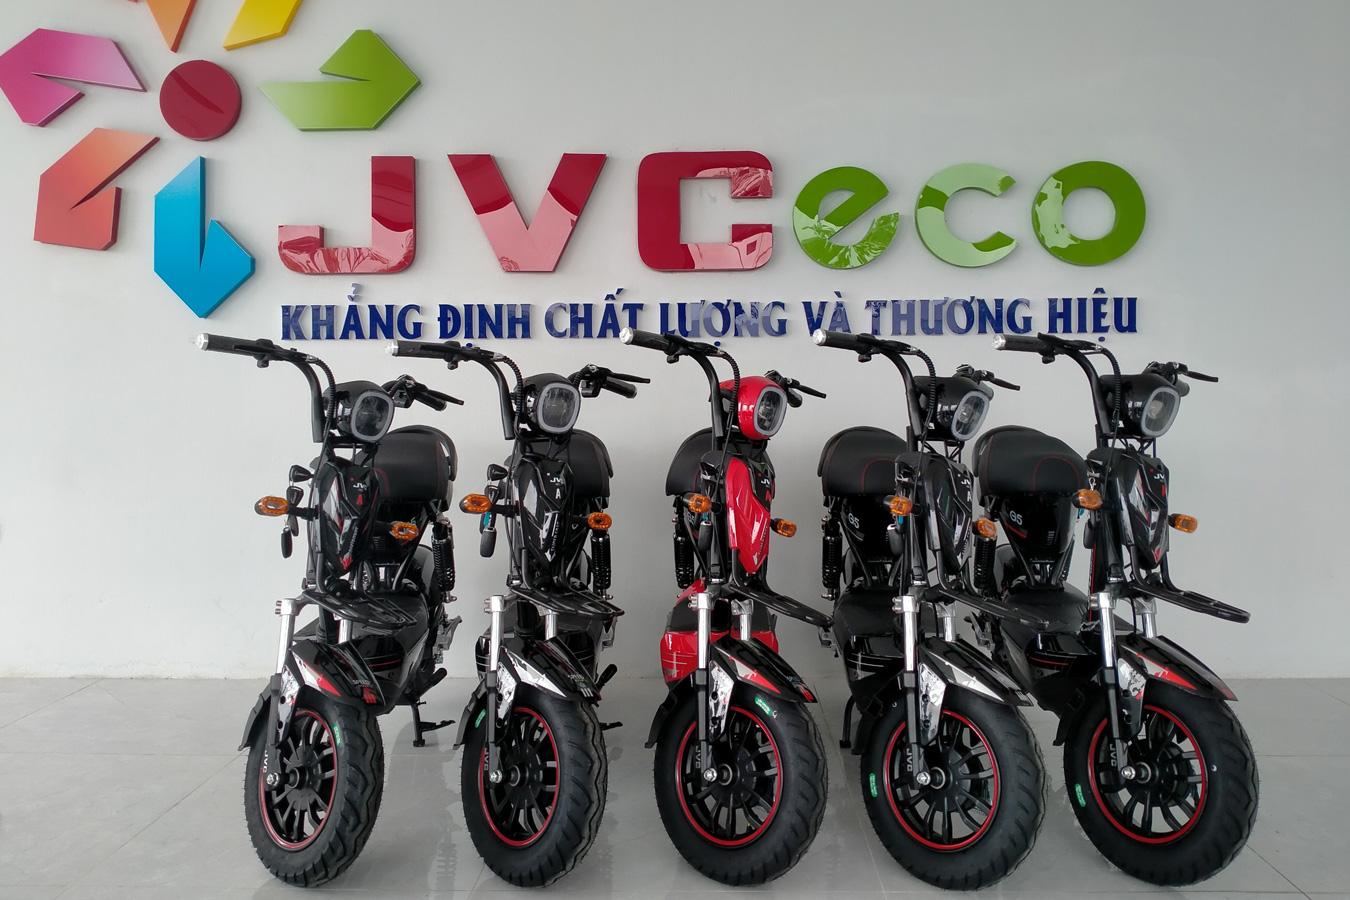 xe đạp điện jvc g5